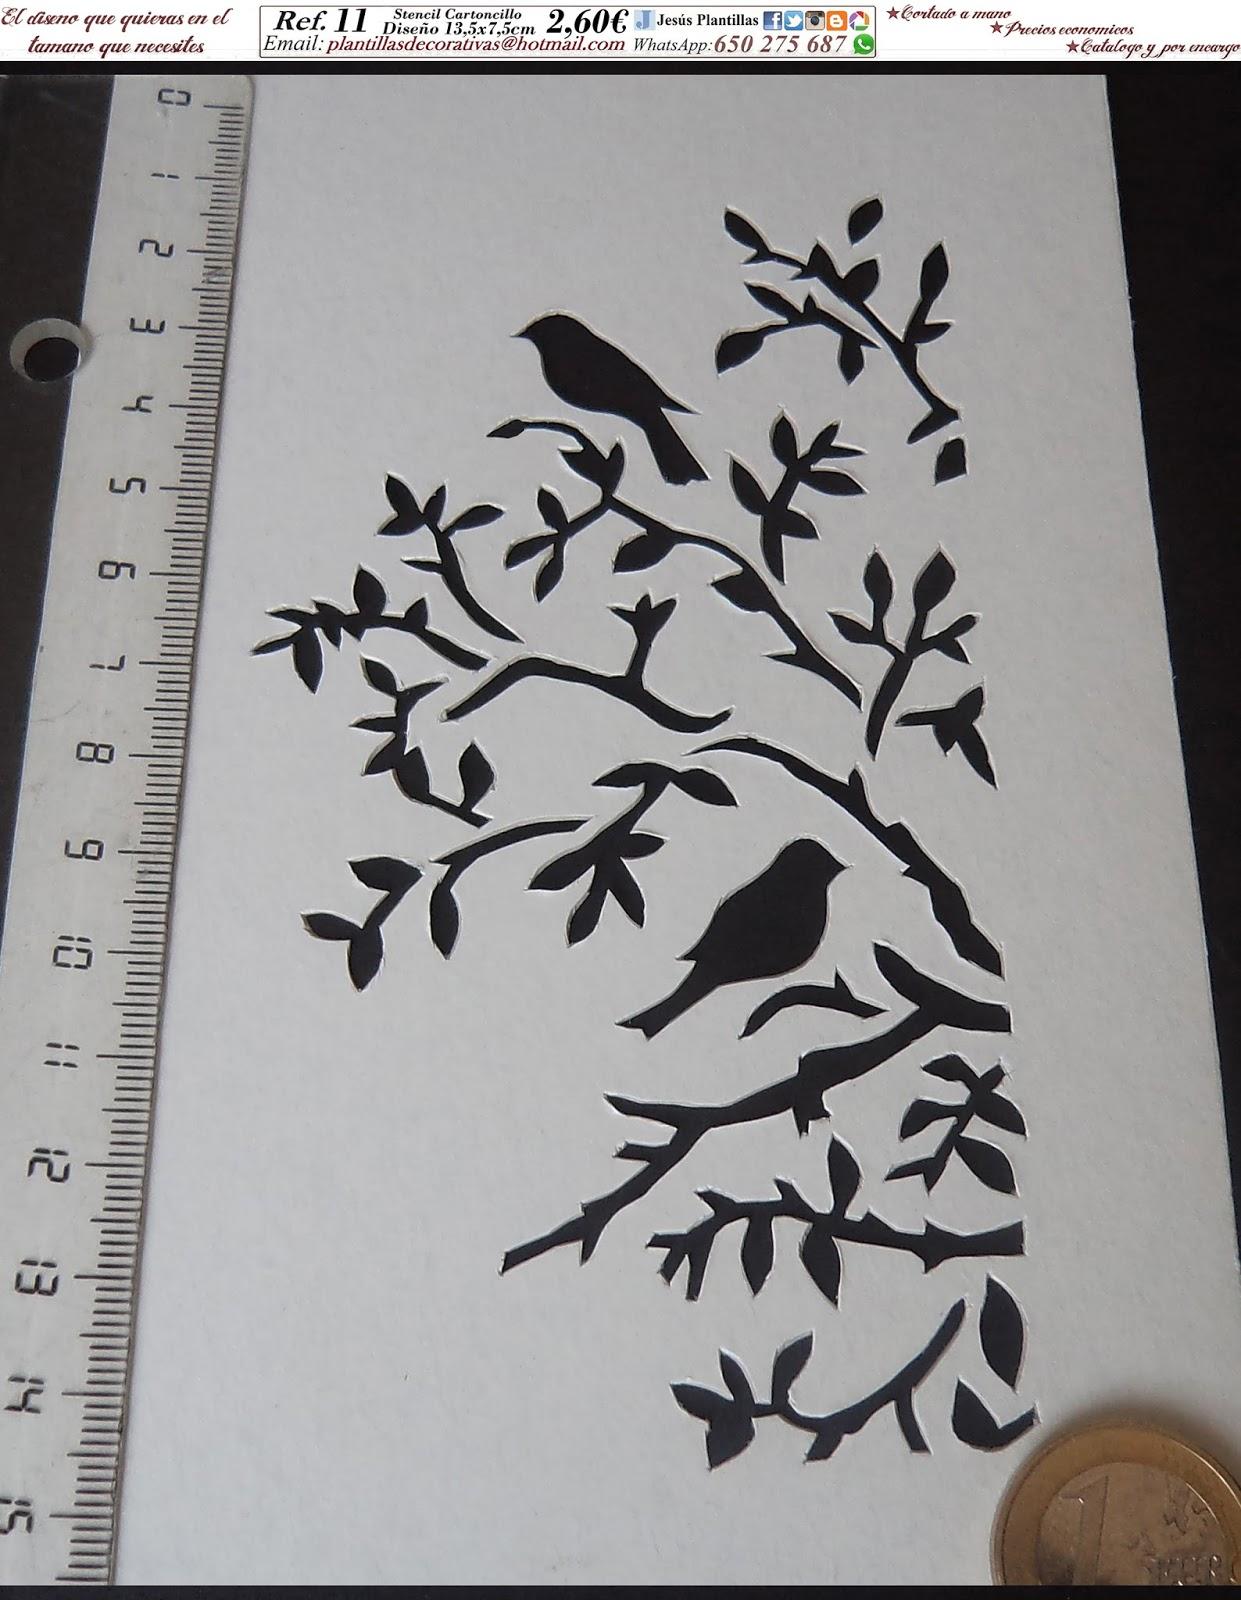 Plantillas decorativas estarcido stencil - Plantillas decorativas pared ...